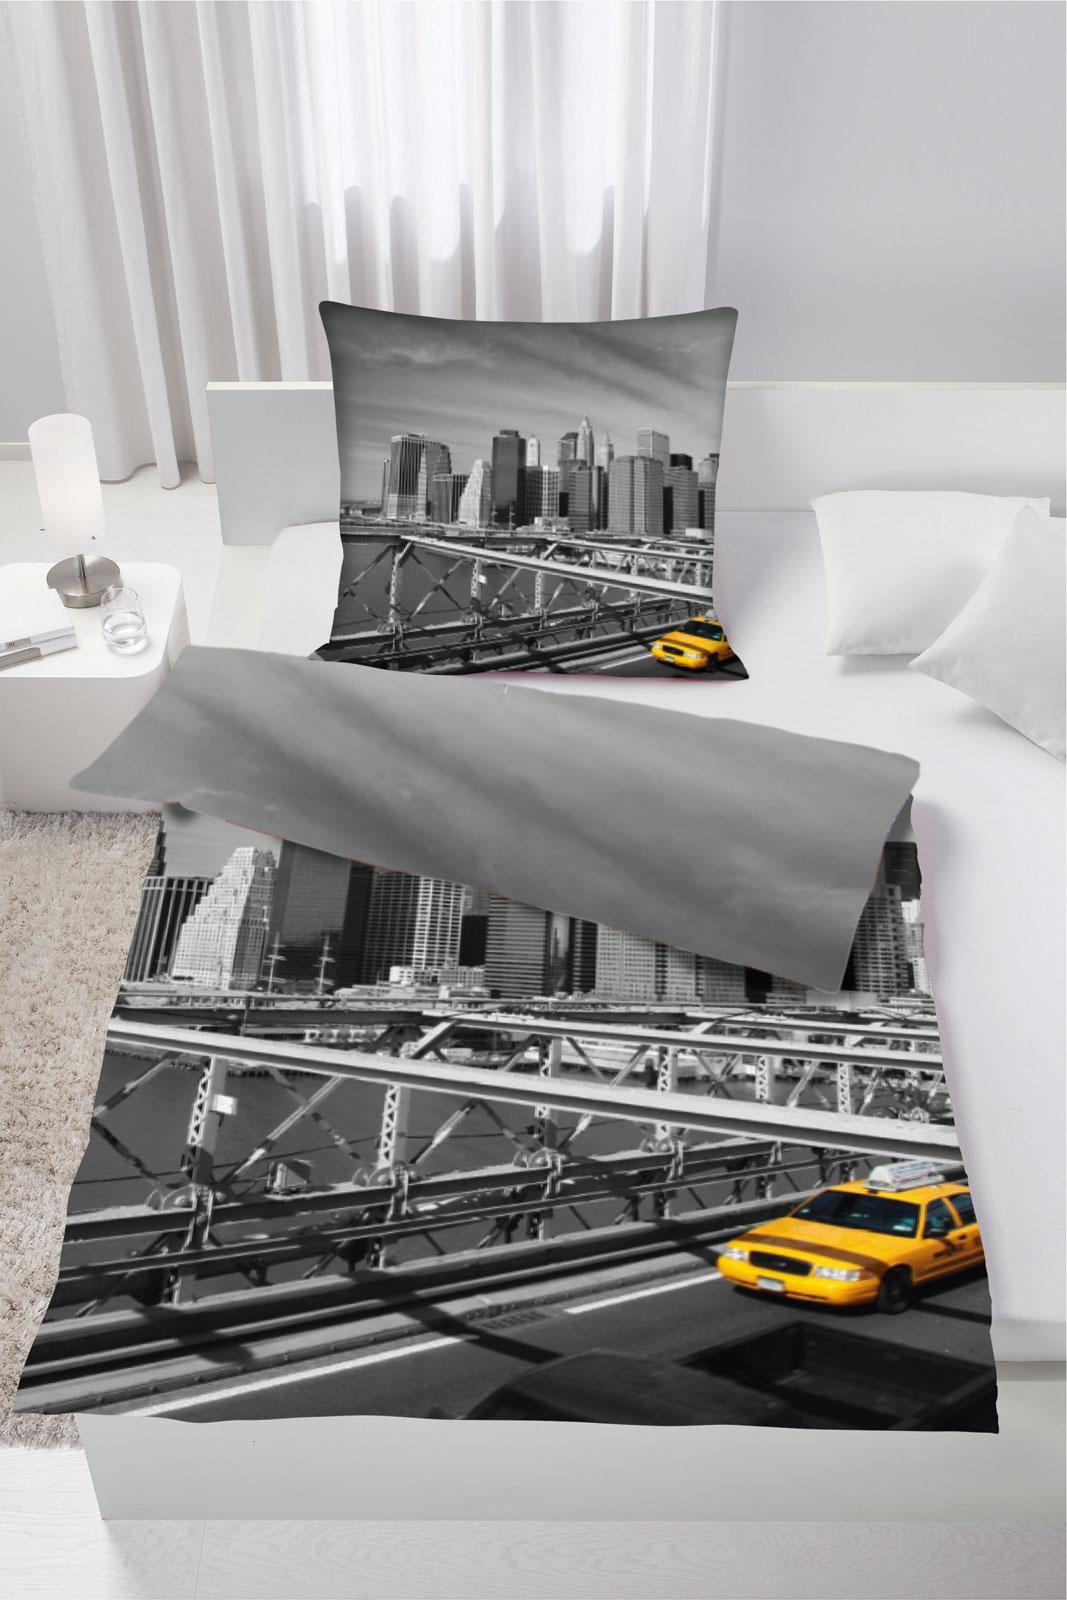 Bettwäsche - Bettwäsche New York Brooklyn Bridge Microfaser 135x200 Art Nr. 2425  - Onlineshop PremiumShop321